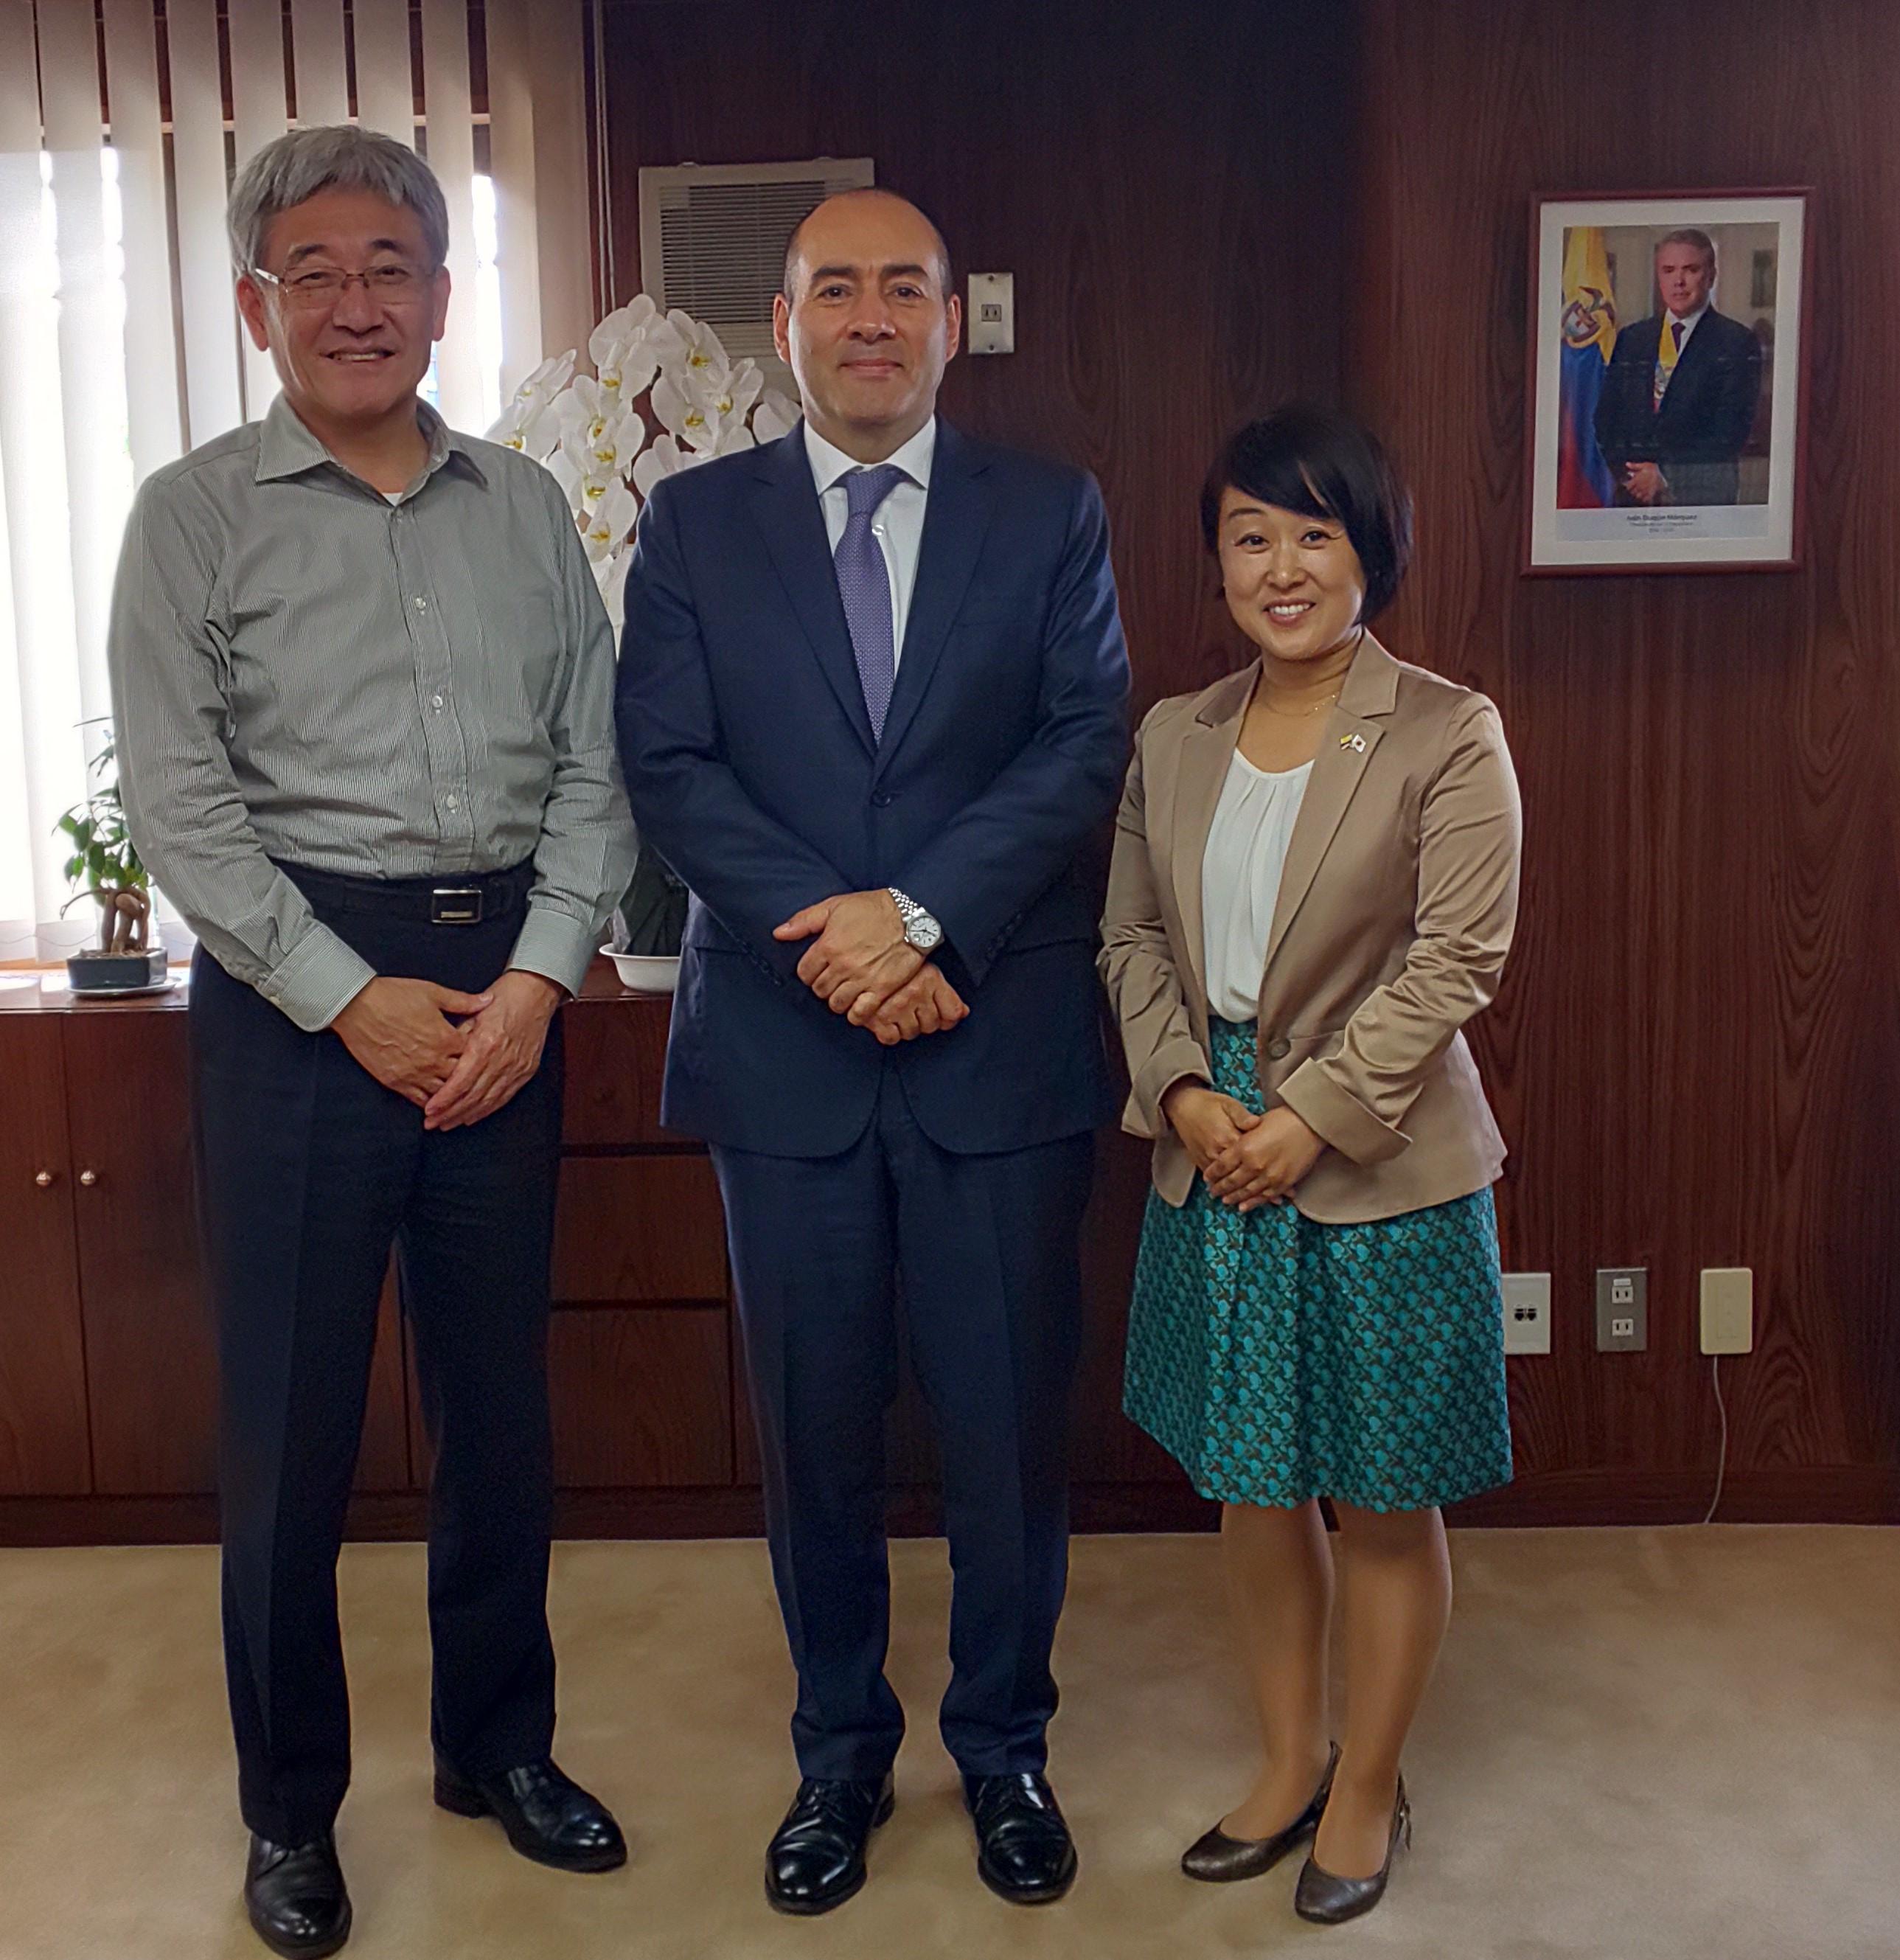 El Embajador de Colombia en Japón, Santiago Pardo, se reunió con el Director Ejecutivo de la Asociación Internacional de Universidades Maritimas (IAMU), Takeshi Nakazawa